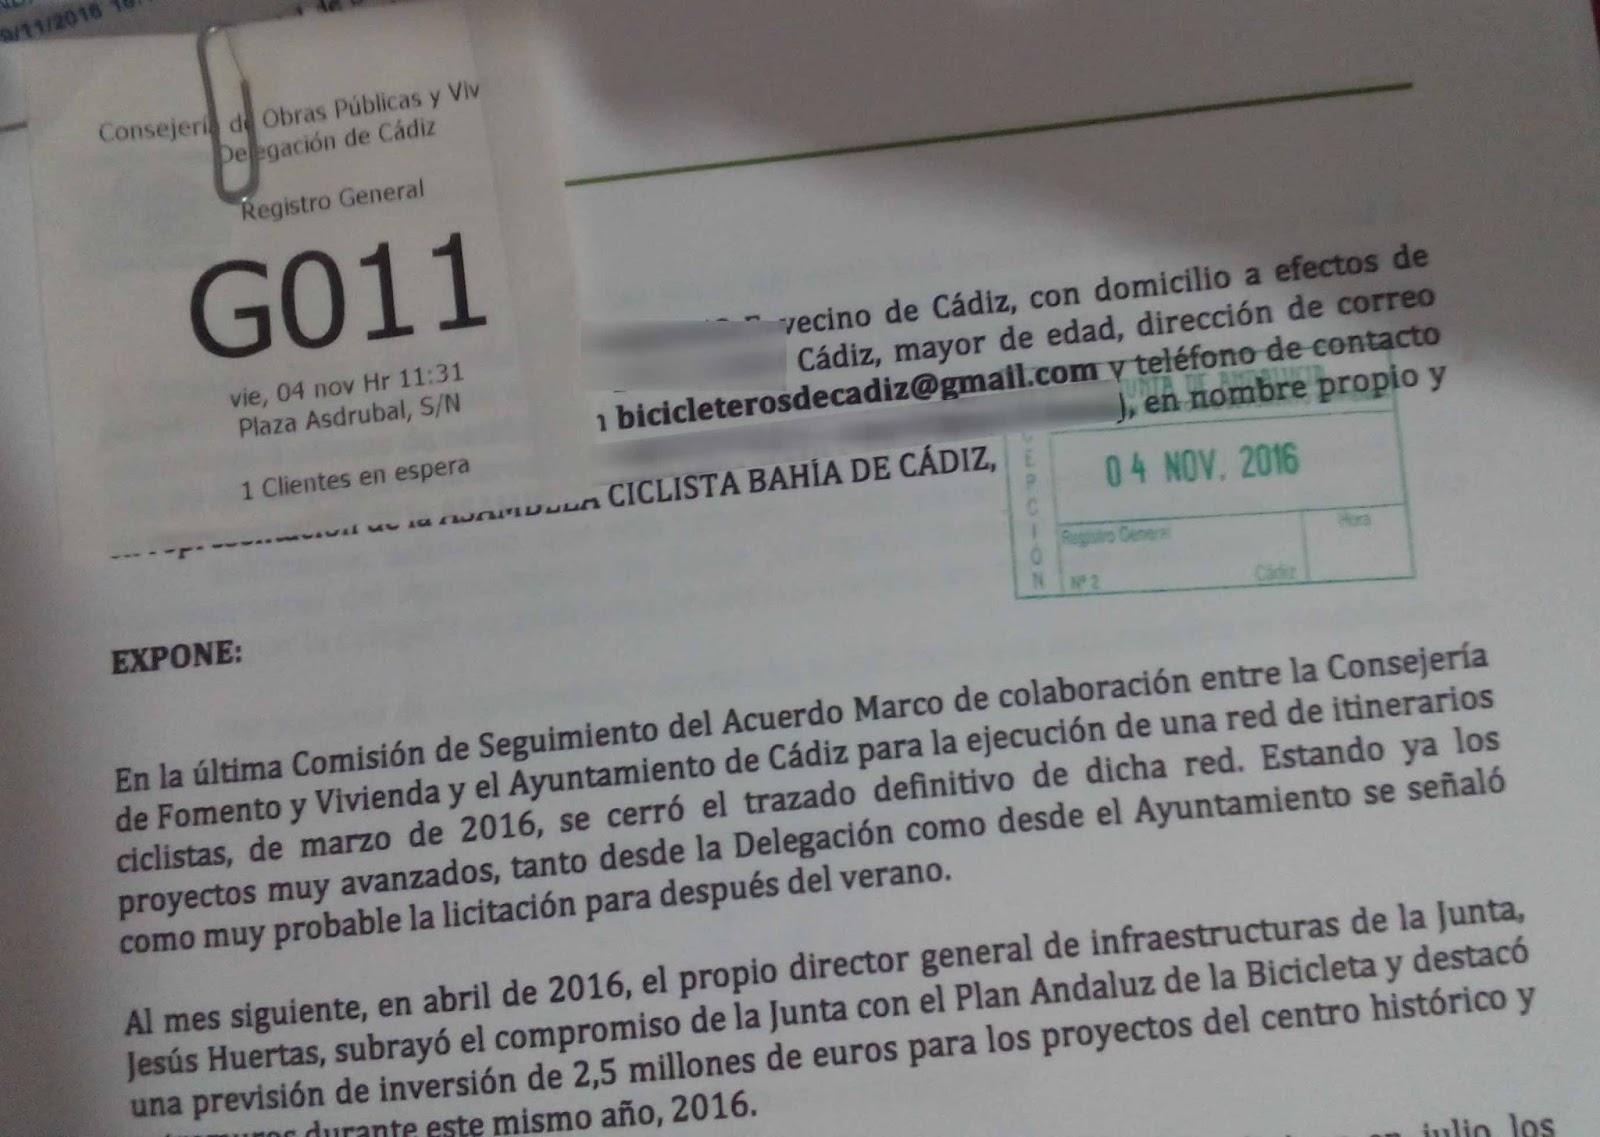 Asamblea Ciclista Bahía de Cádiz: 2017